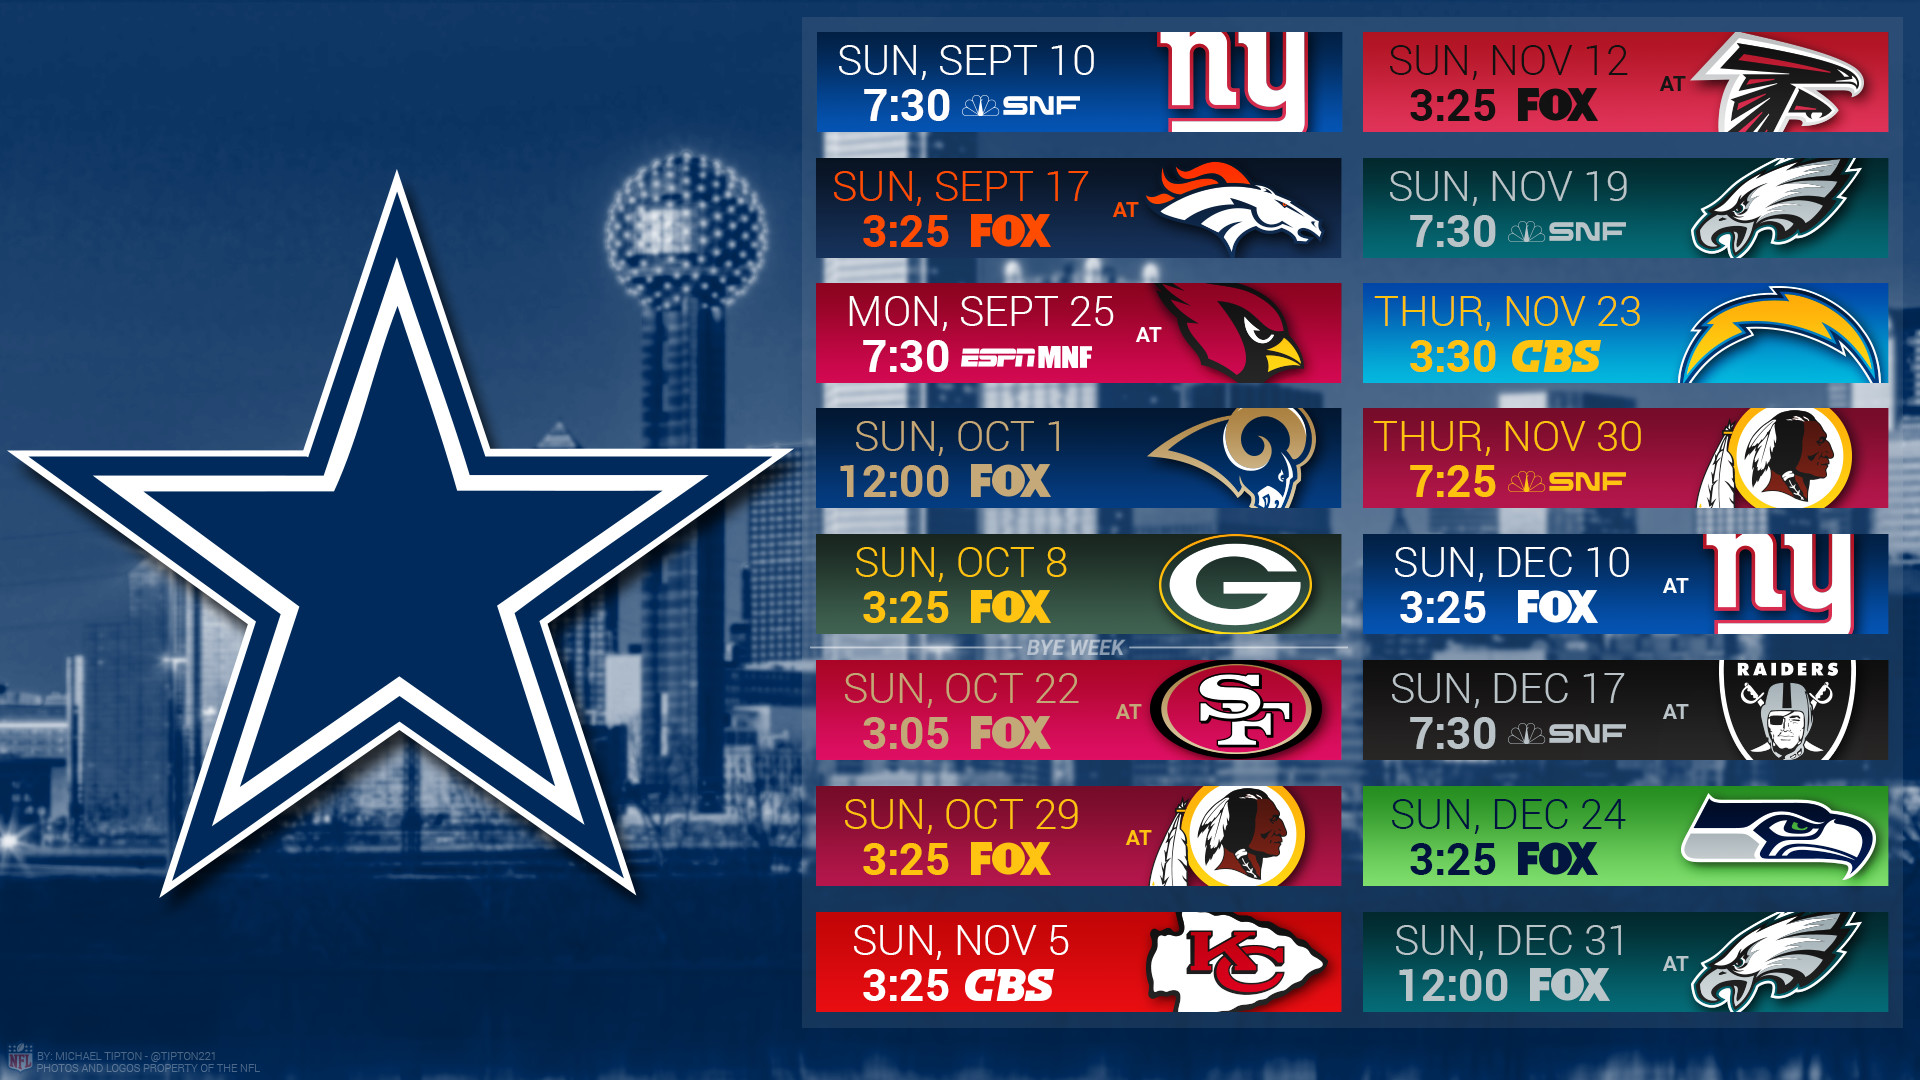 Dallas Cowboys Desktop 2017 Schedule Wallpaper City - Dallas Cowboys Calendar 2019 - HD Wallpaper